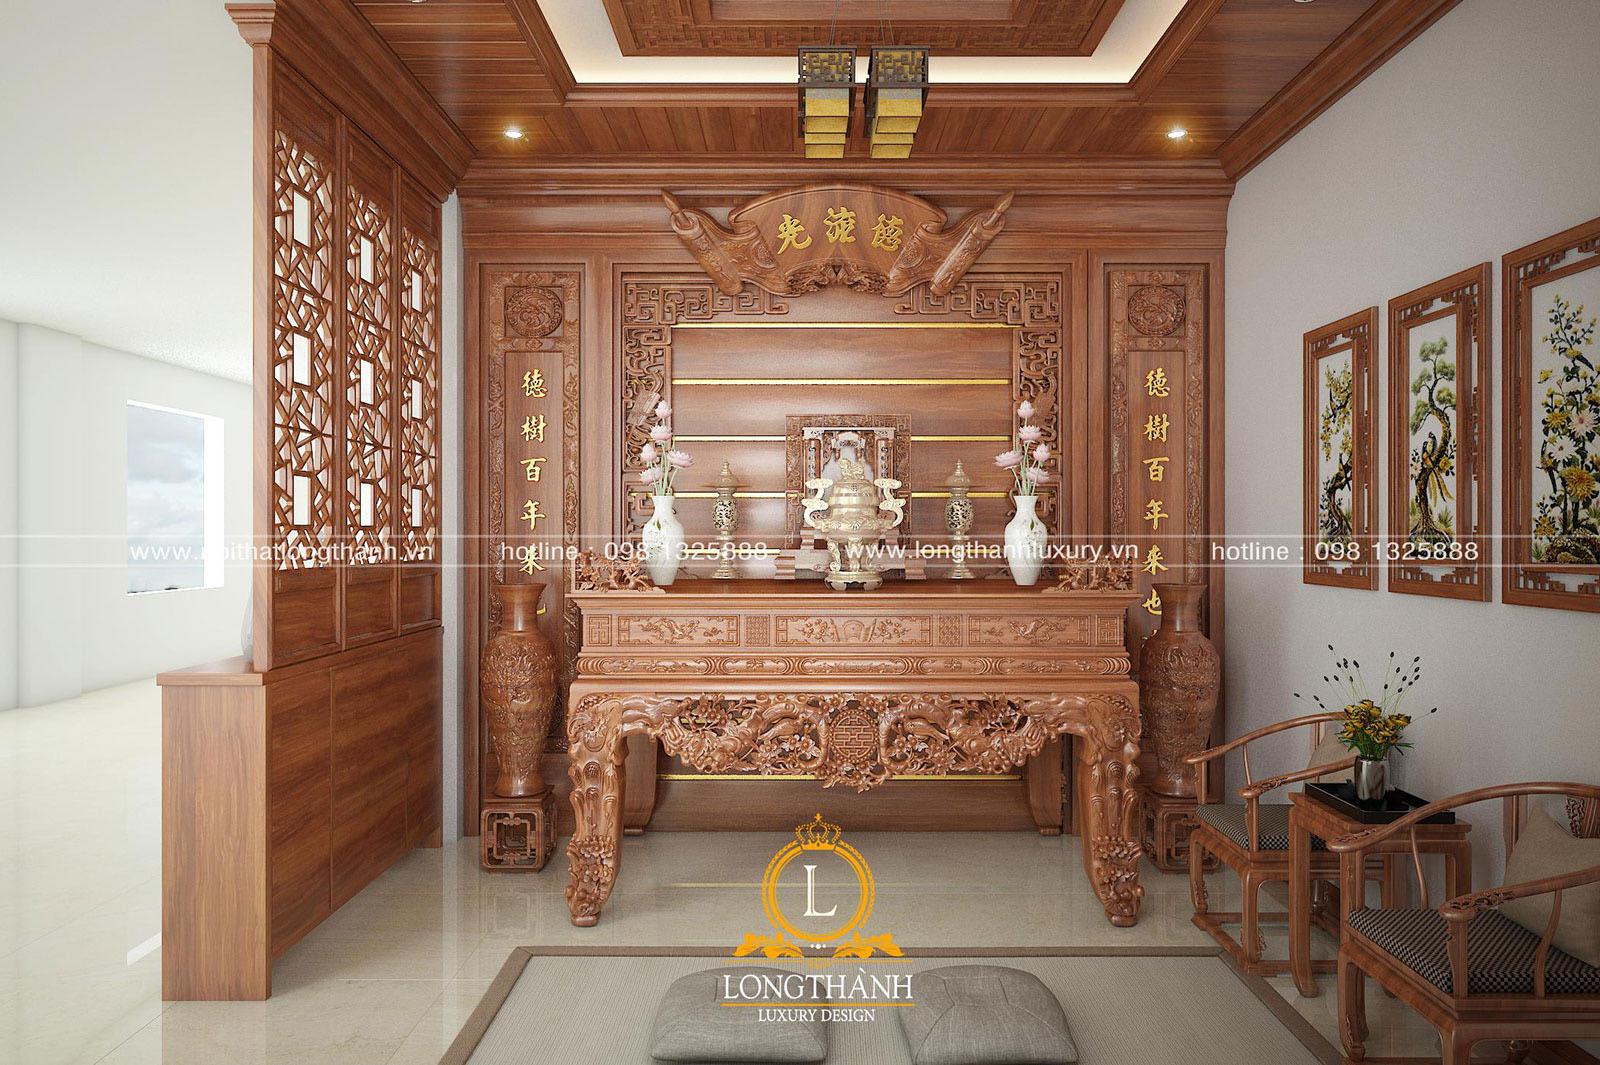 Chọn màu sơn phù hợp với phong cách thiết kế phòng thờ